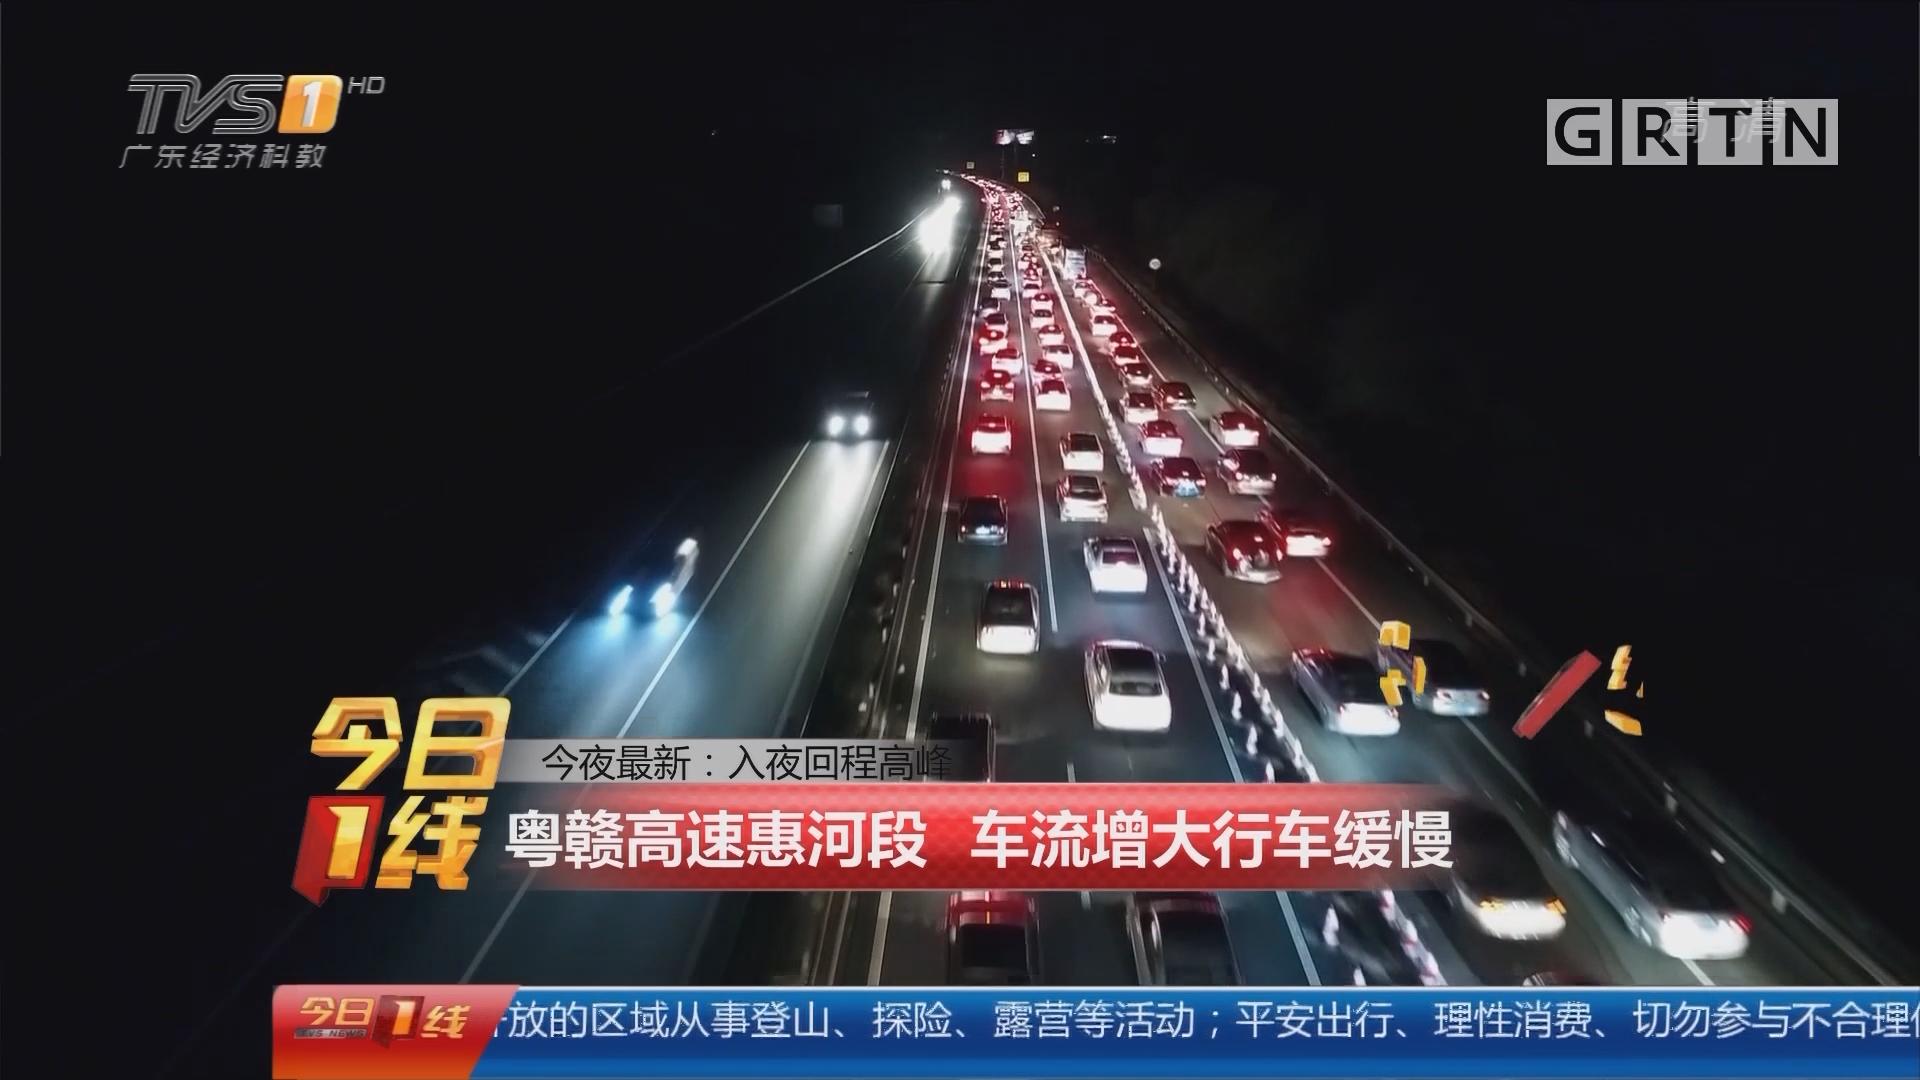 今夜最新:入夜后回程高峰 粤赣高速惠河段 车流增大行车缓慢